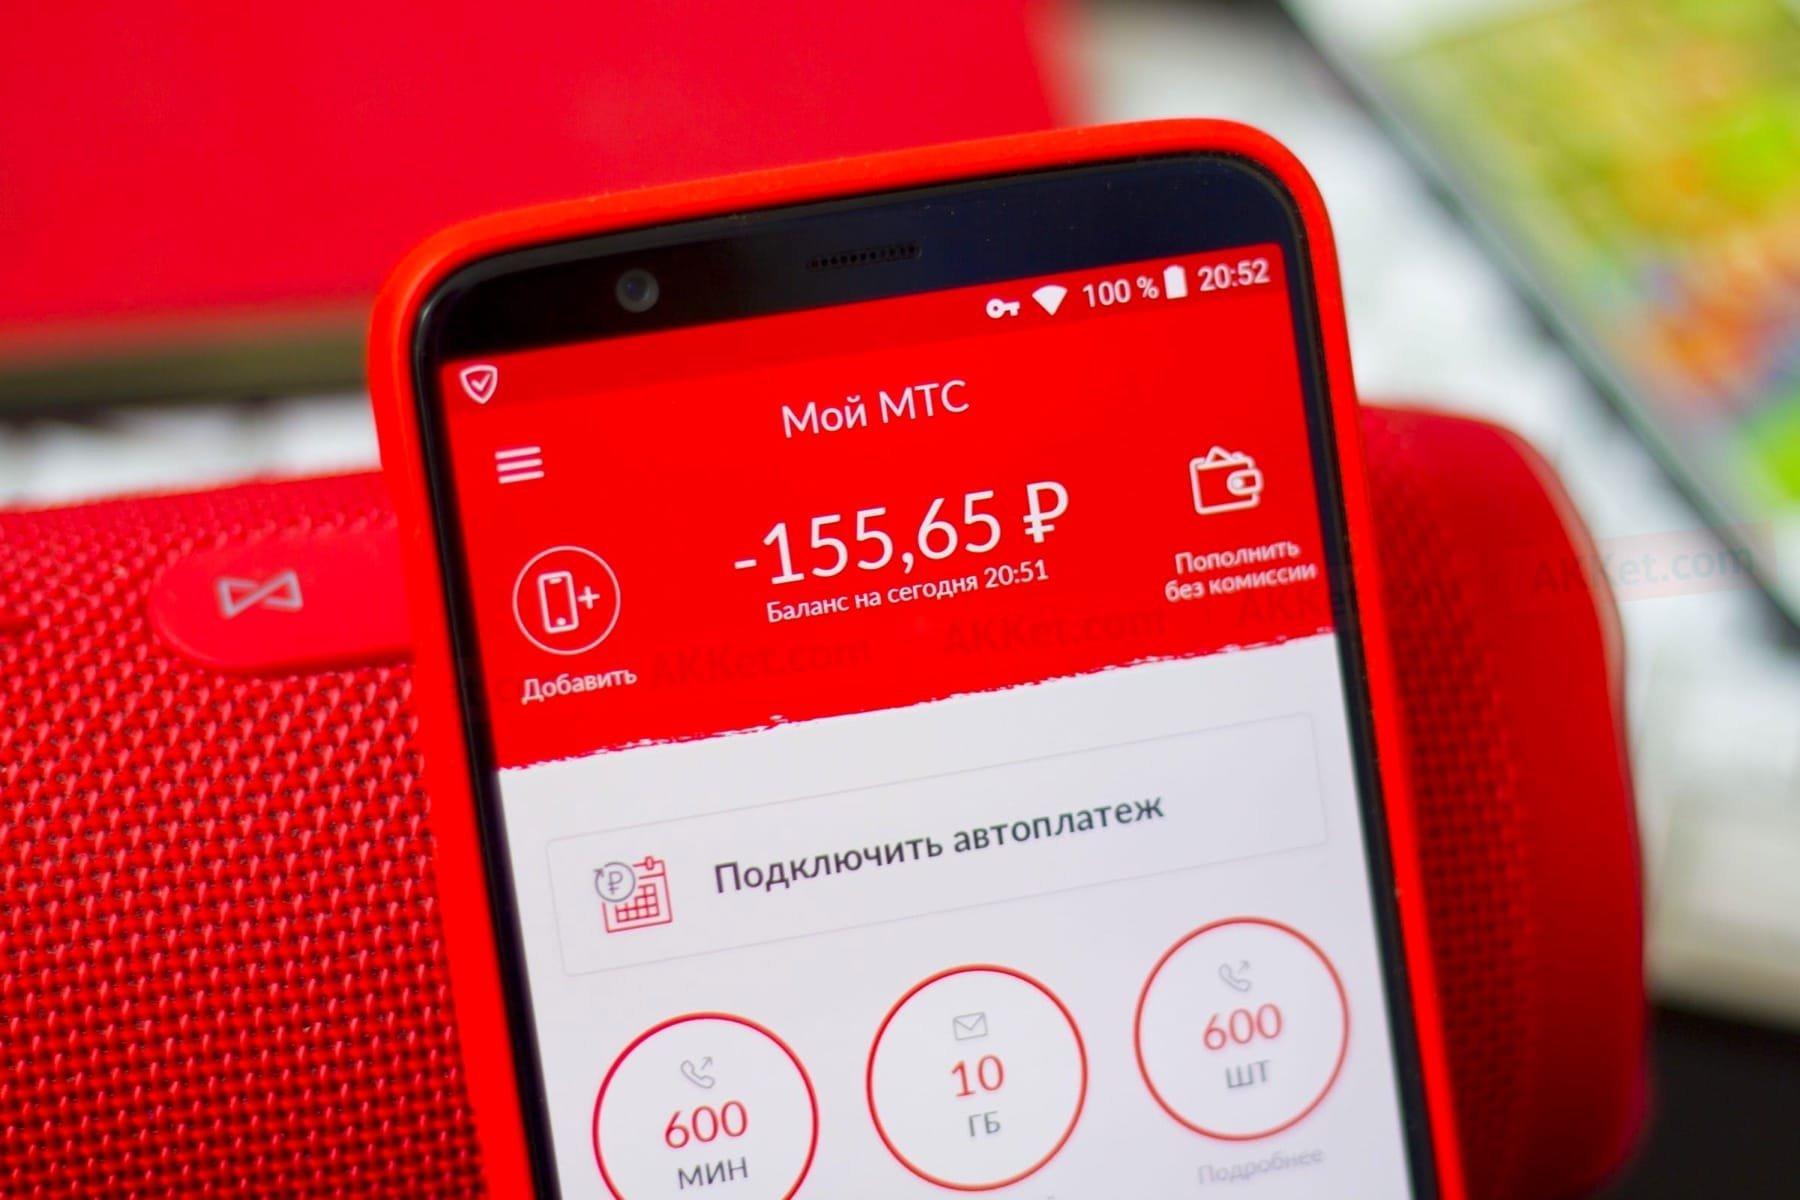 как поменять тариф на телефоне мтс самостоятельно